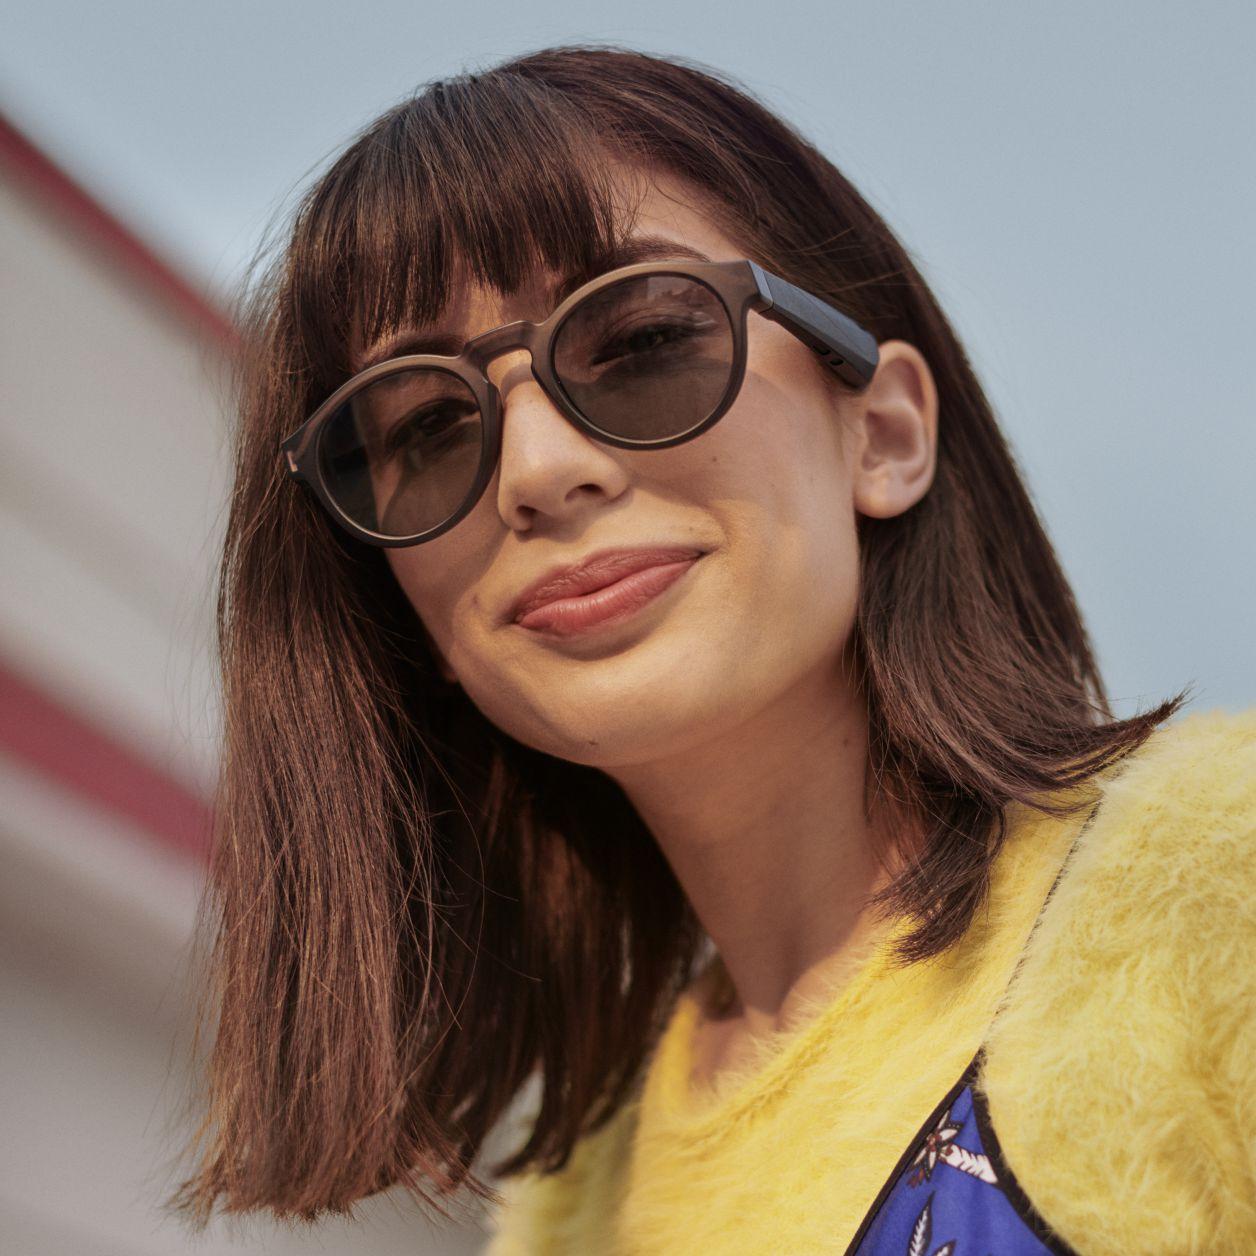 Bose Frames : des lunettes de soleil pour écouter la musique